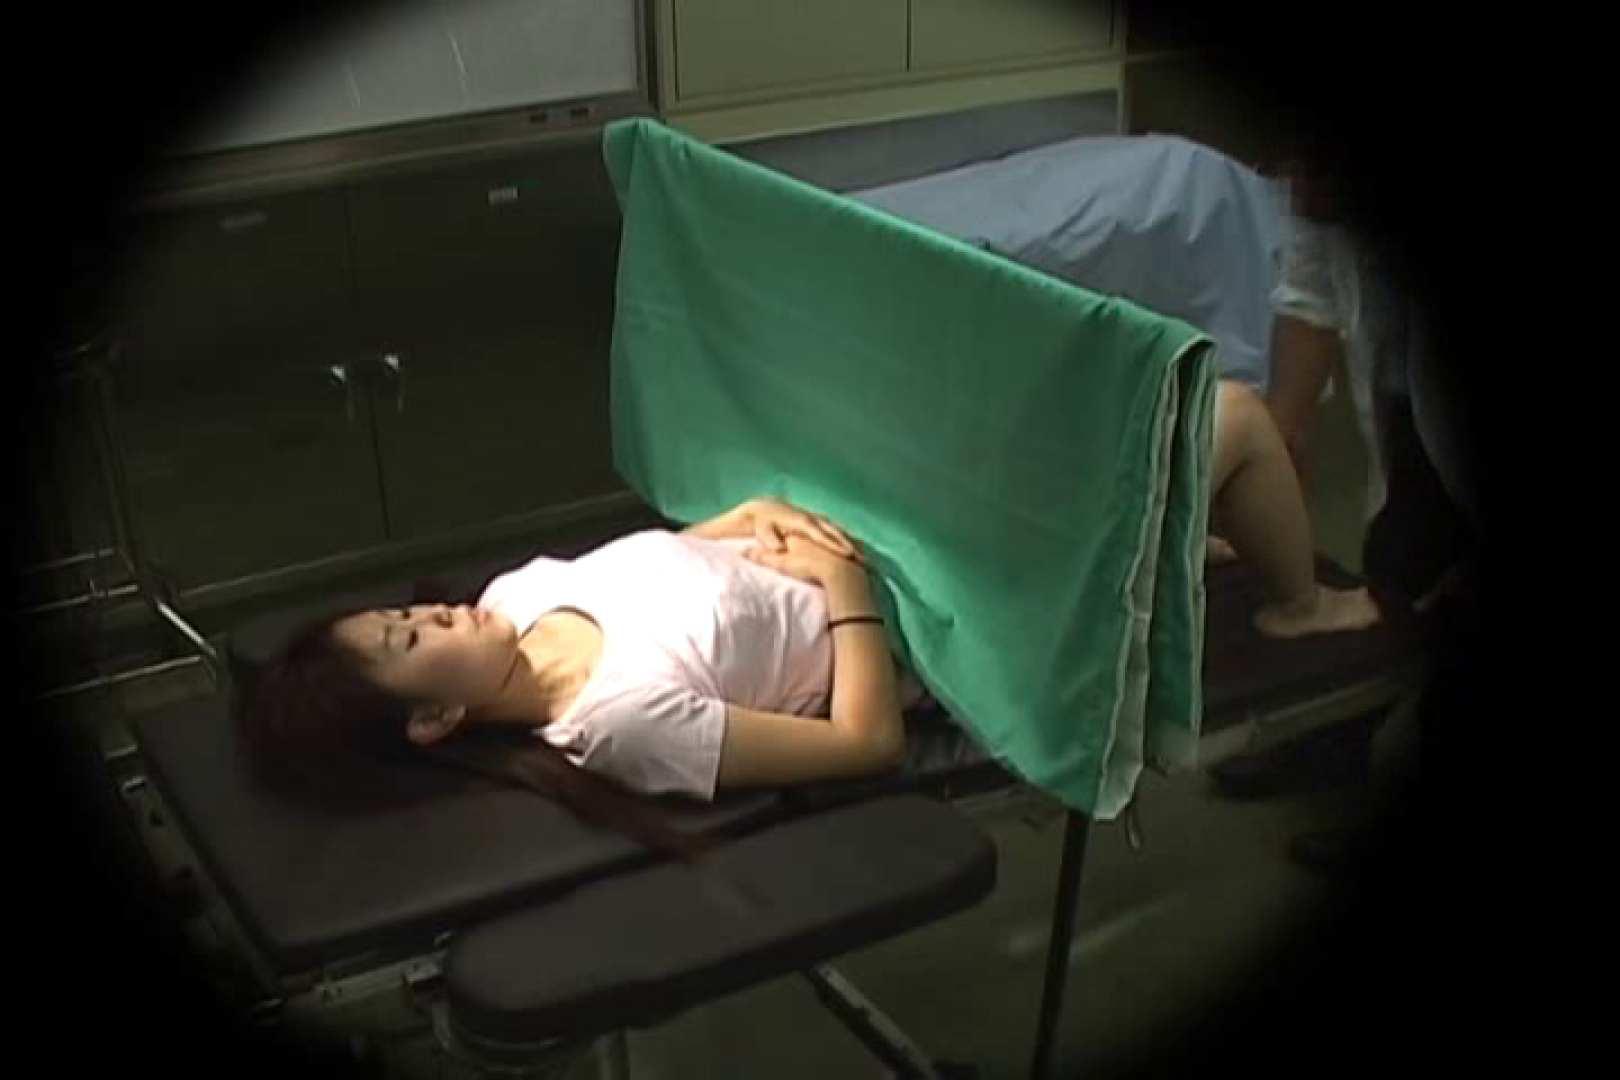 はらませ変態医師!受精完了!!Vol.5 ワルノリ | エロティックなOL  58画像 1